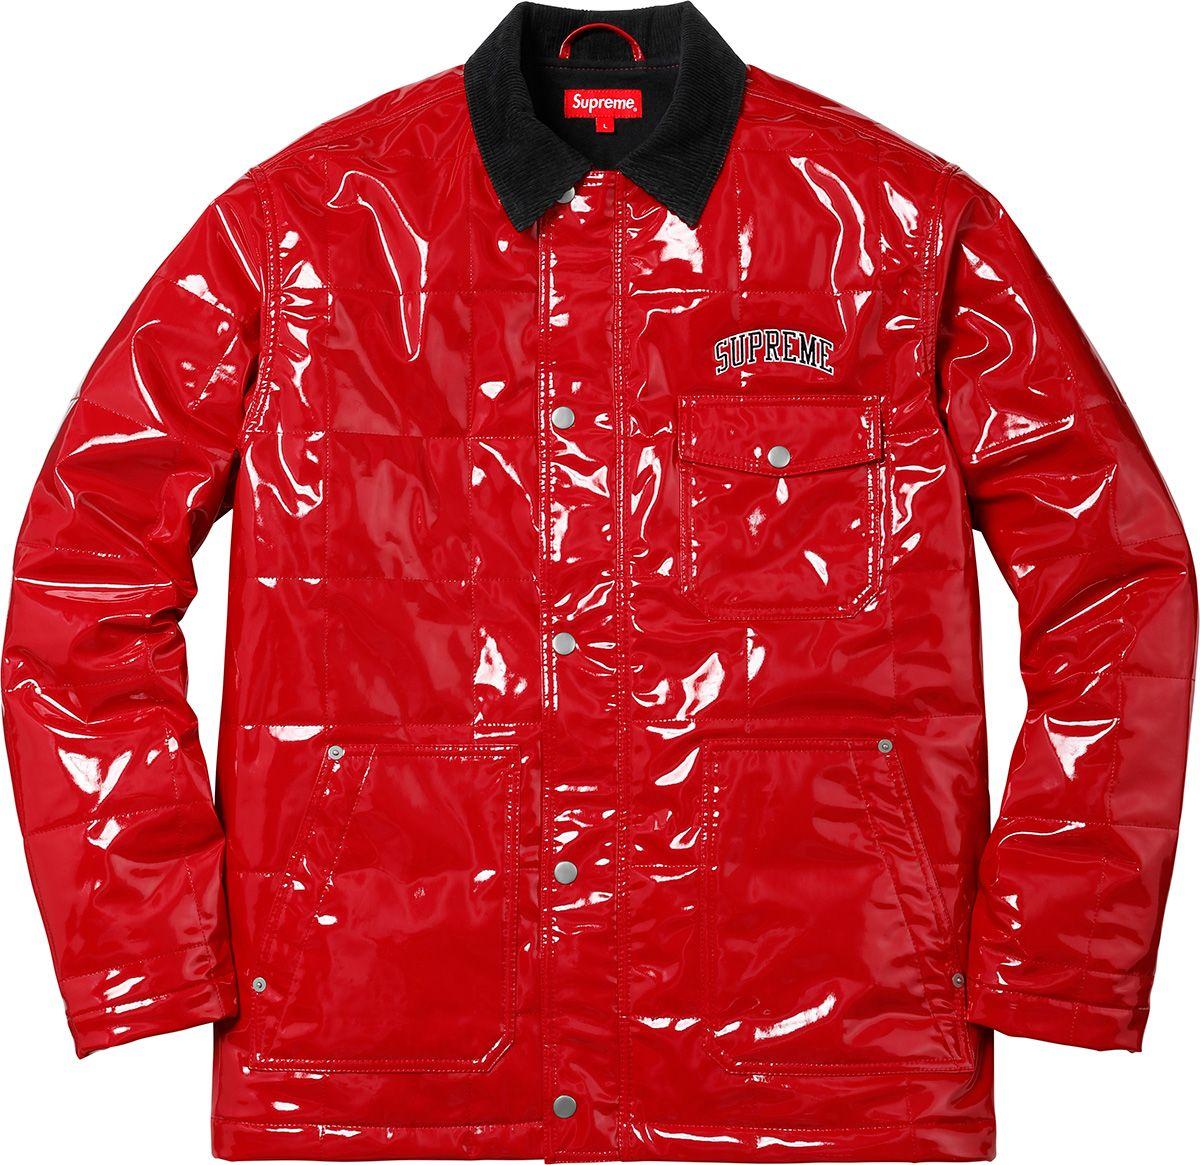 3196dd8cdb8 Supreme Quilted Patent Vinyl Work Jacket